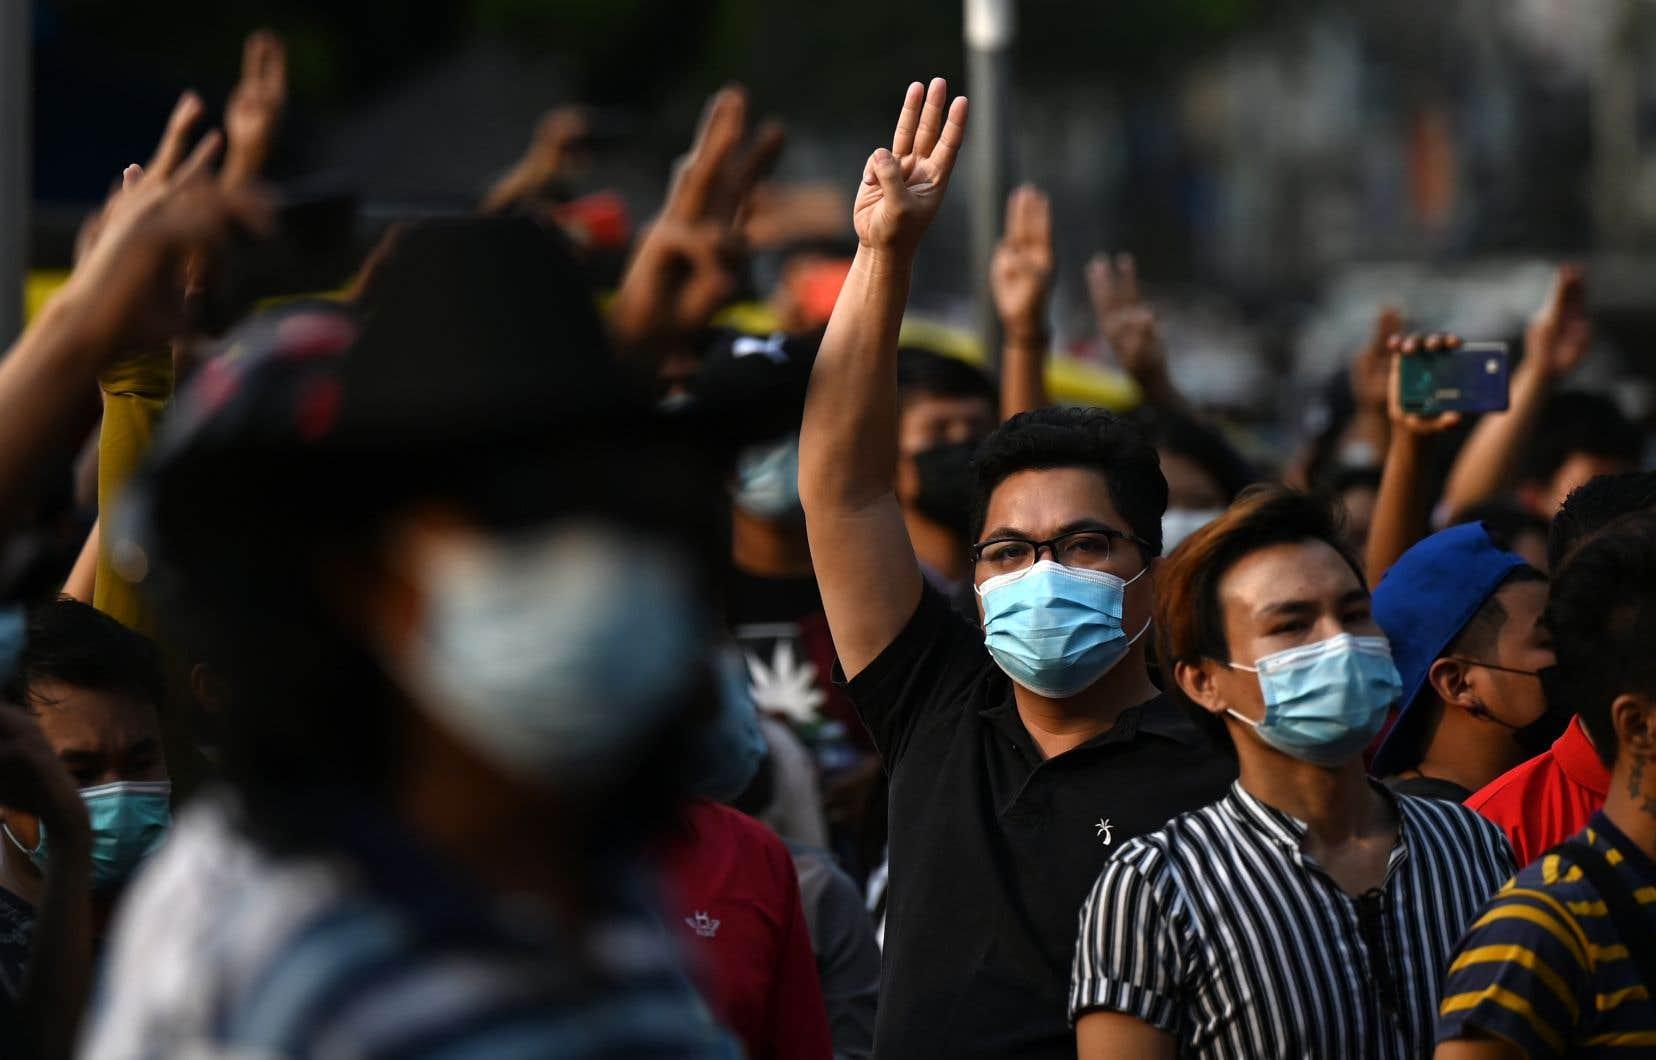 Il s'agit duplus gros rassemblement depuis le coup d'État contre Aung San Suu Kyi.